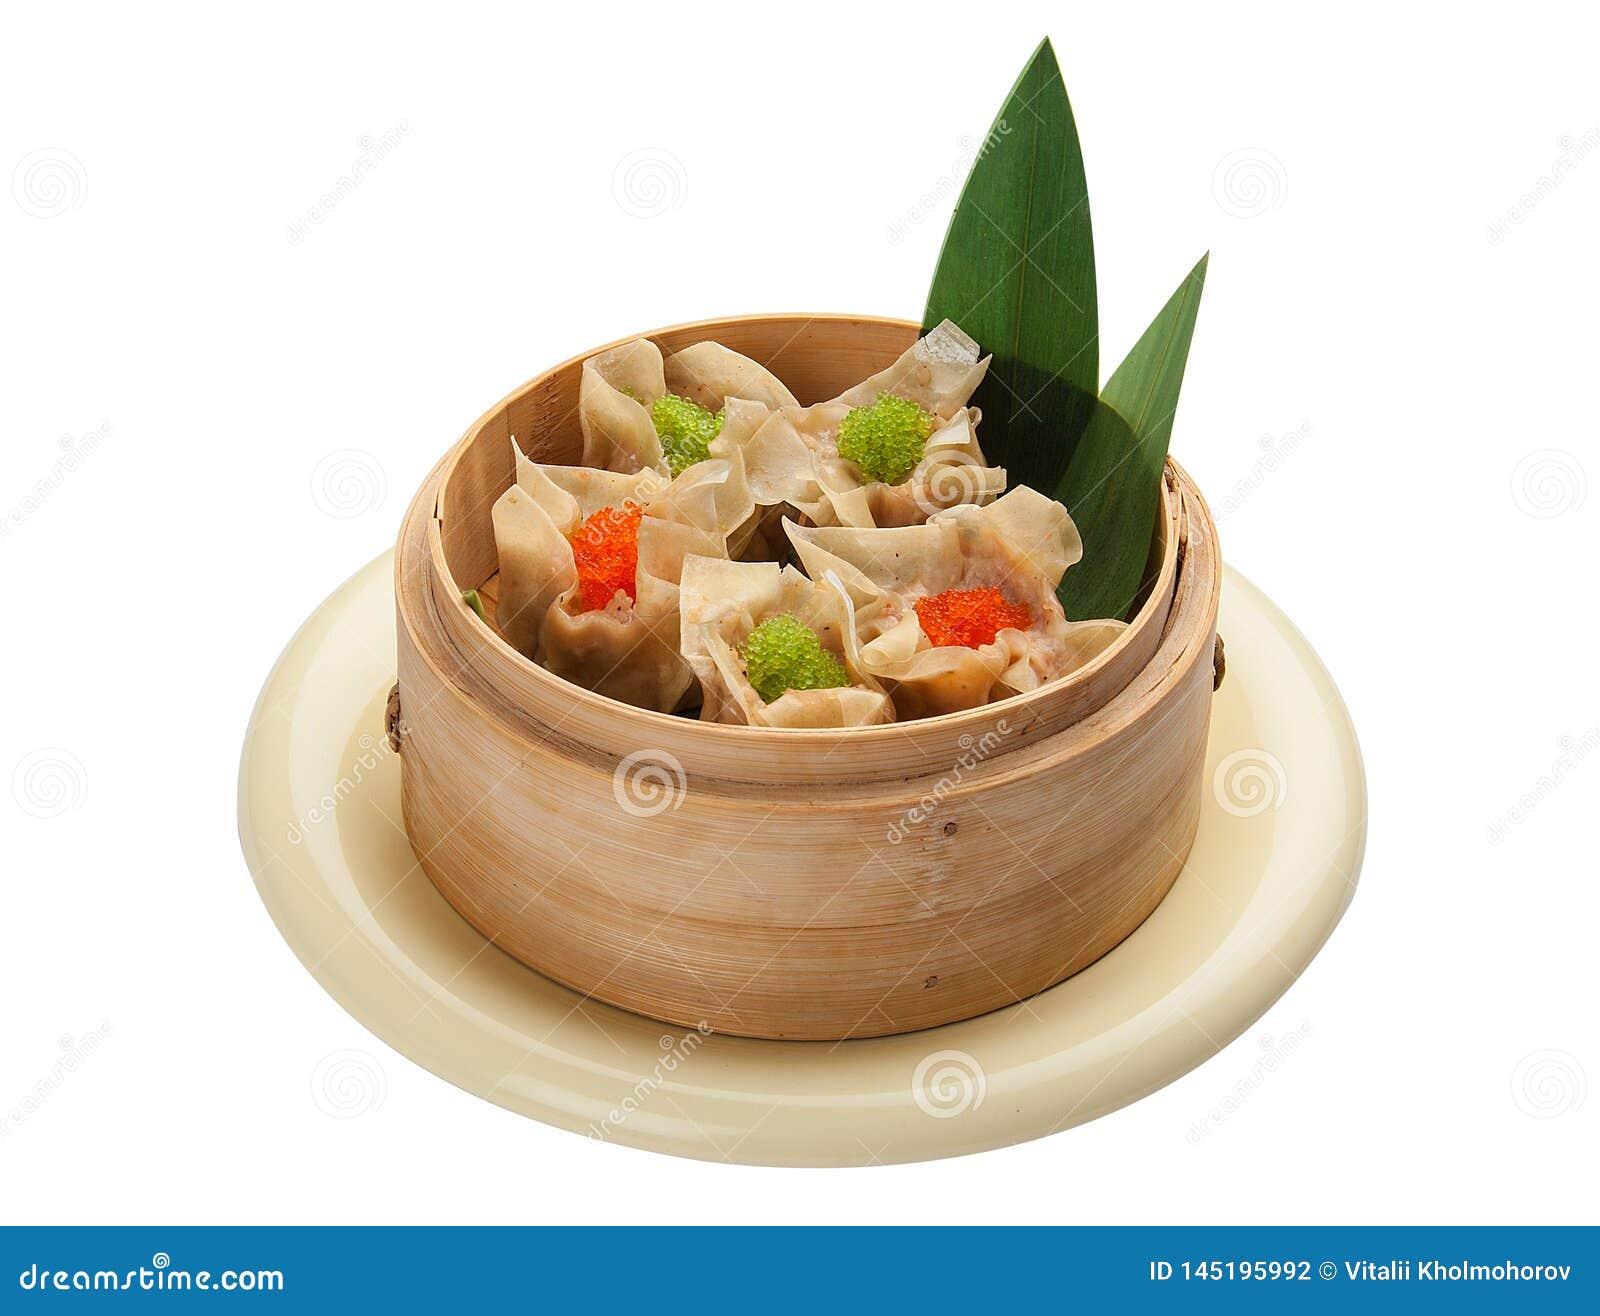 Dim sum with pork and shrimp.